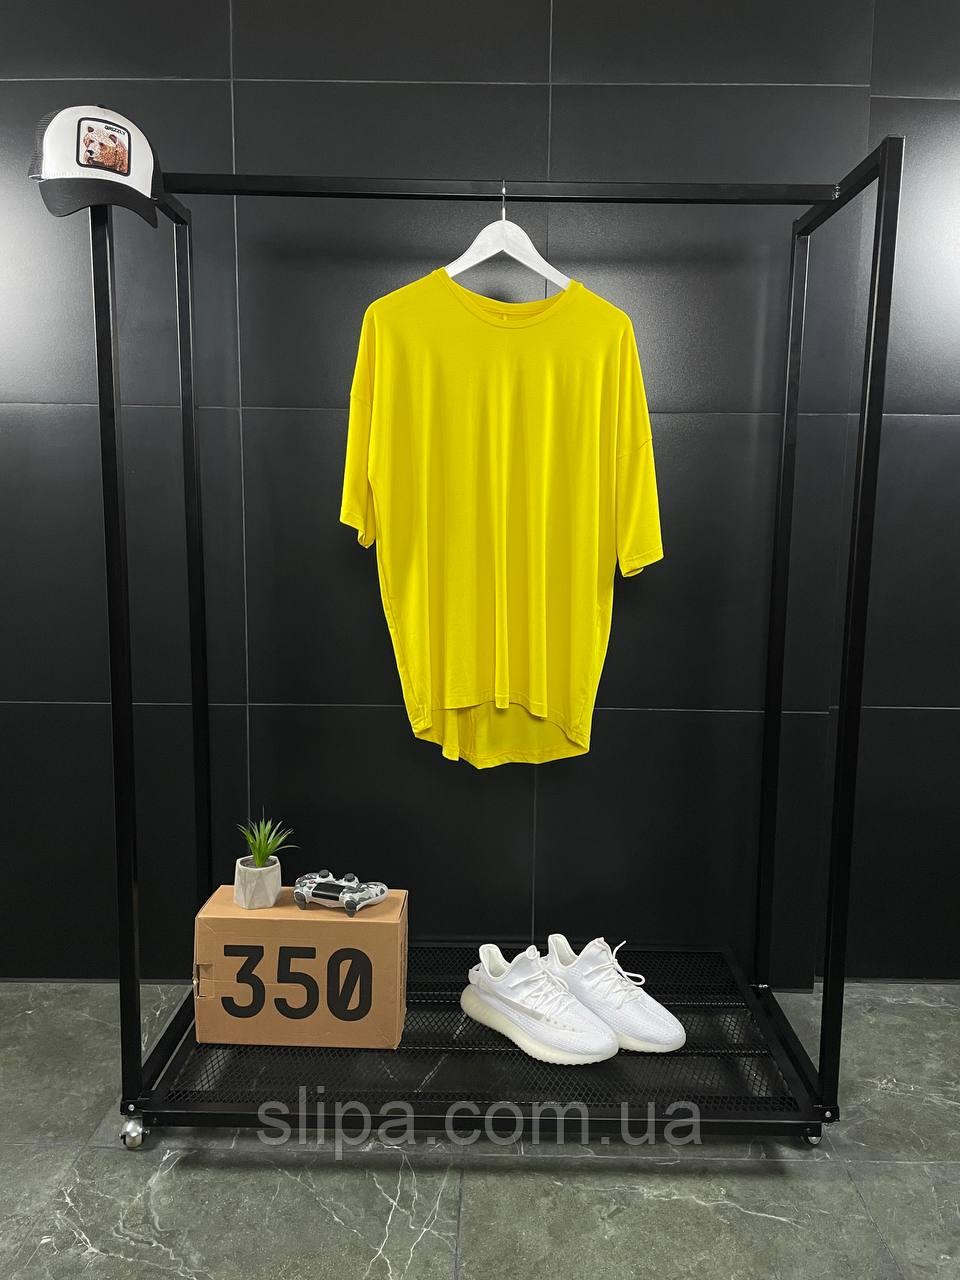 Жовта оверсайз футболка ASOS | бавовна + еластан